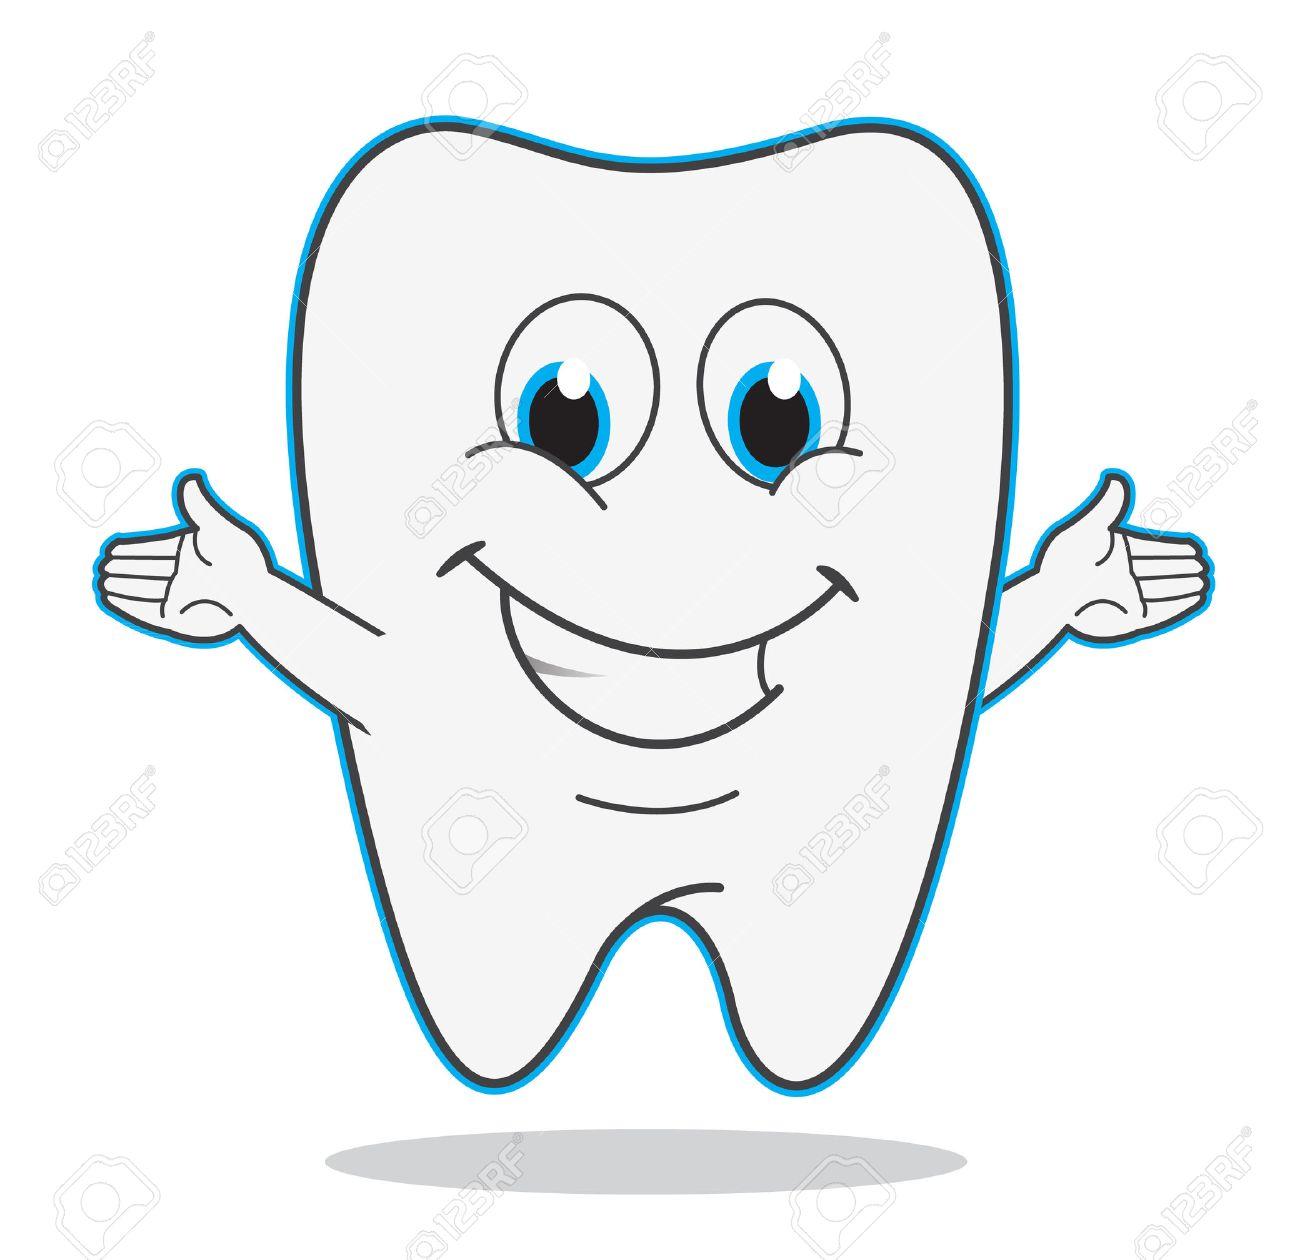 かわいい漫画歯笑顔イラスト歯医者シンボル ロイヤリティフリー